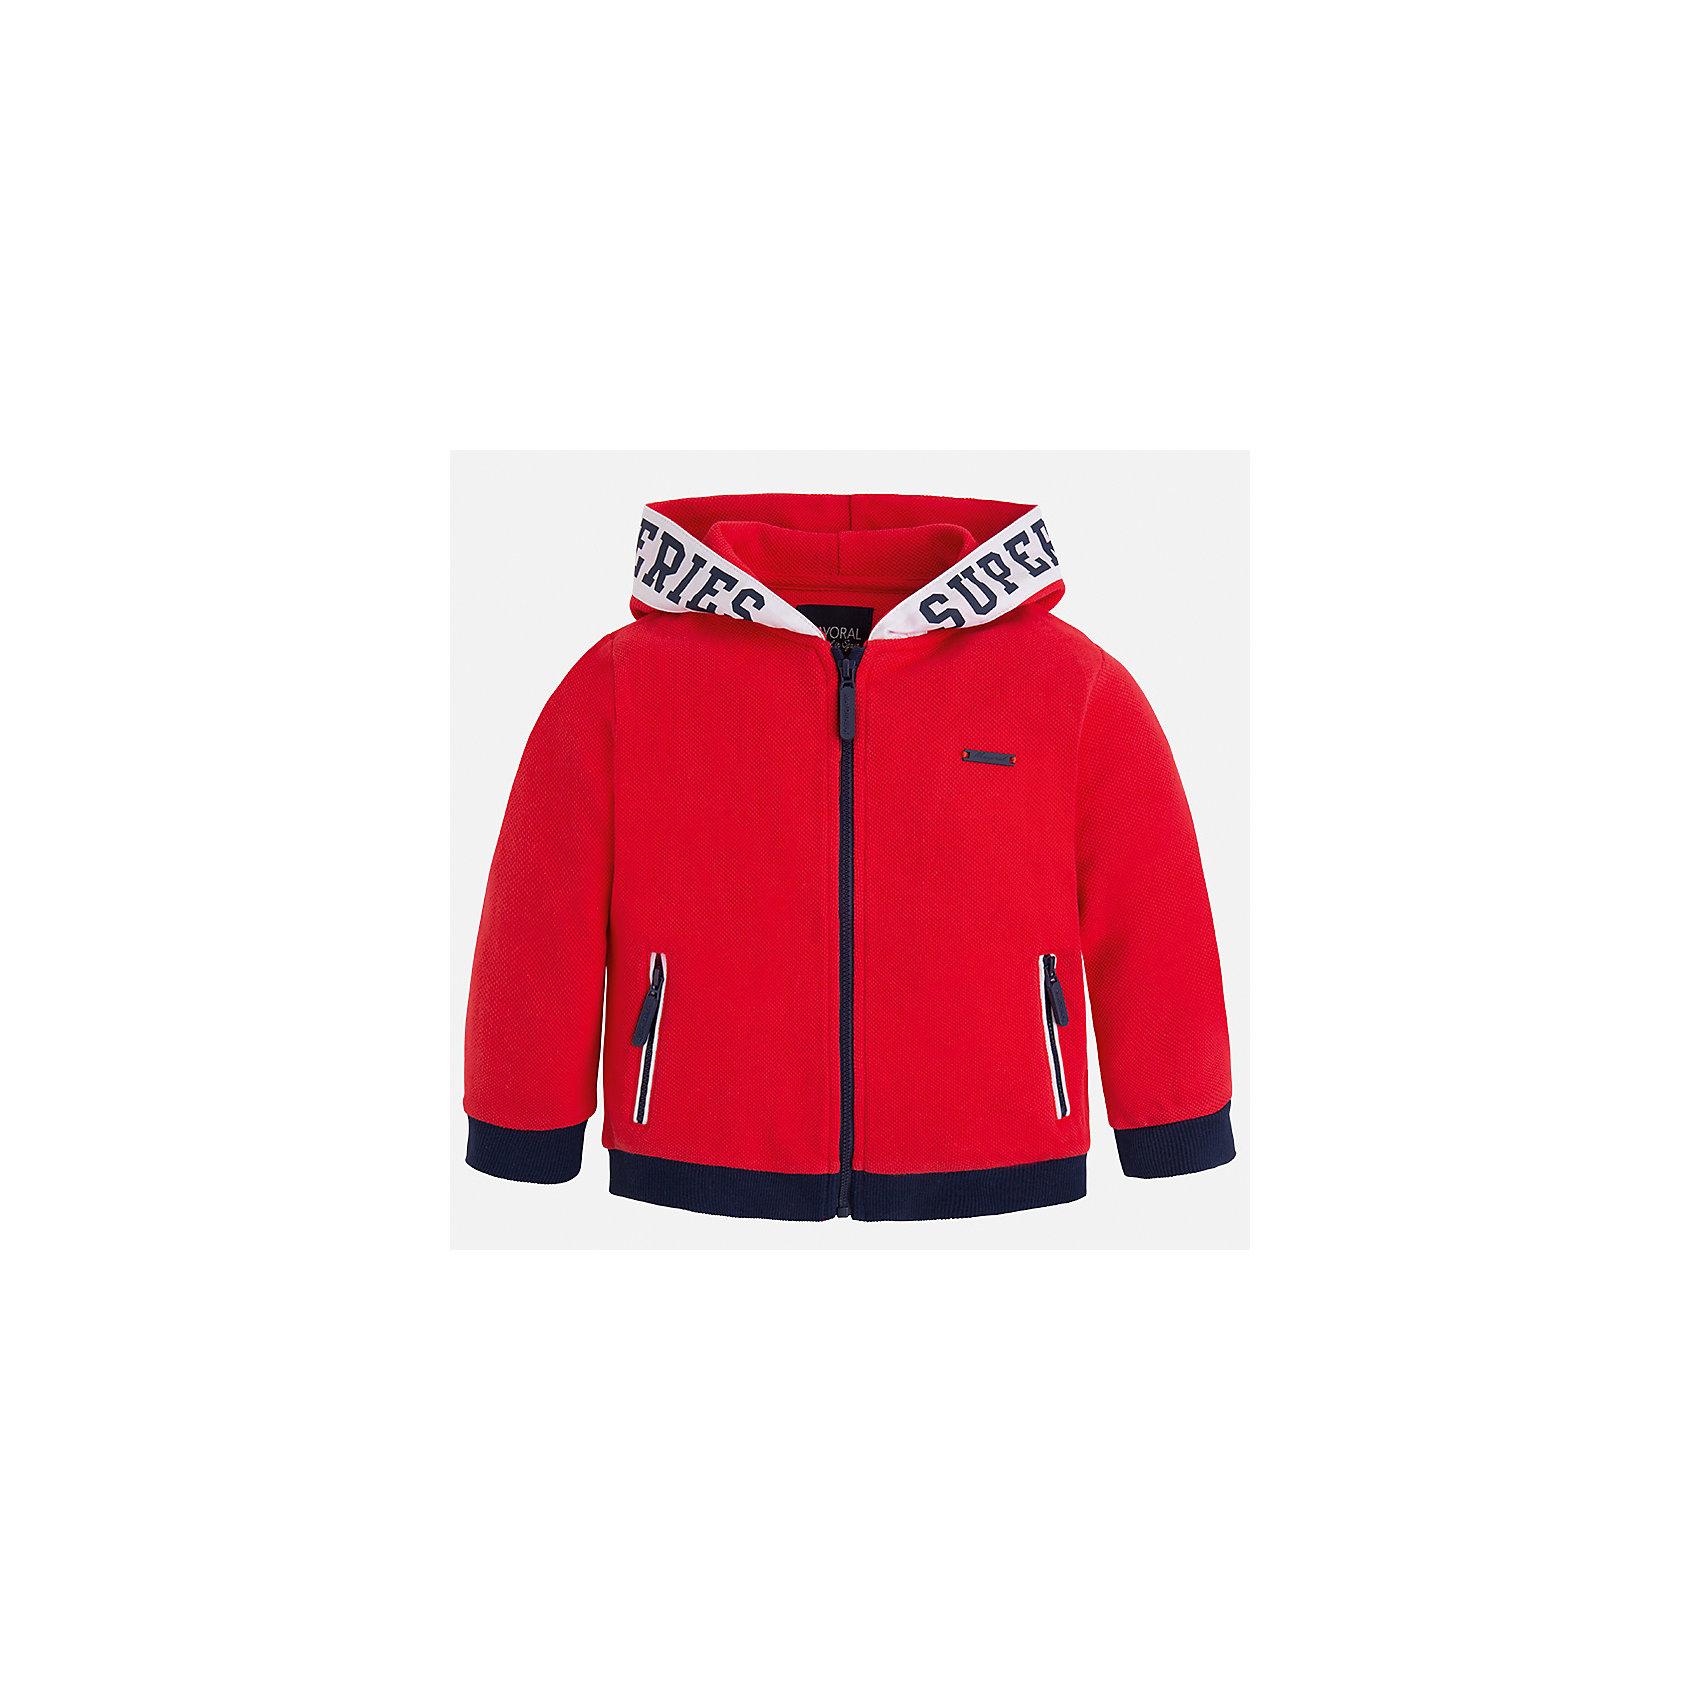 Толстовка для мальчика MayoralТолстовки<br>Характеристики товара:<br><br>• цвет: красный<br>• состав: 100% хлопок<br>• манжеты<br>• карманы<br>• молния<br>• капюшон<br>• страна бренда: Испания<br><br>Легкая куртка для мальчика поможет разнообразить гардероб ребенка и обеспечить тепло в прохладную погоду. Она отлично сочетается и с джинсами, и с брюками. Универсальный цвет позволяет подобрать к вещи низ различных расцветок. Интересная отделка модели делает её нарядной и оригинальной. В составе материала - только натуральный хлопок, гипоаллергенный, приятный на ощупь, дышащий.<br><br>Одежда, обувь и аксессуары от испанского бренда Mayoral полюбились детям и взрослым по всему миру. Модели этой марки - стильные и удобные. Для их производства используются только безопасные, качественные материалы и фурнитура. Порадуйте ребенка модными и красивыми вещами от Mayoral! <br><br>Куртку для мальчика от испанского бренда Mayoral (Майорал) можно купить в нашем интернет-магазине.<br><br>Ширина мм: 356<br>Глубина мм: 10<br>Высота мм: 245<br>Вес г: 519<br>Цвет: розовый<br>Возраст от месяцев: 36<br>Возраст до месяцев: 48<br>Пол: Мужской<br>Возраст: Детский<br>Размер: 104,92,110,116,128,134,122,98<br>SKU: 5280657